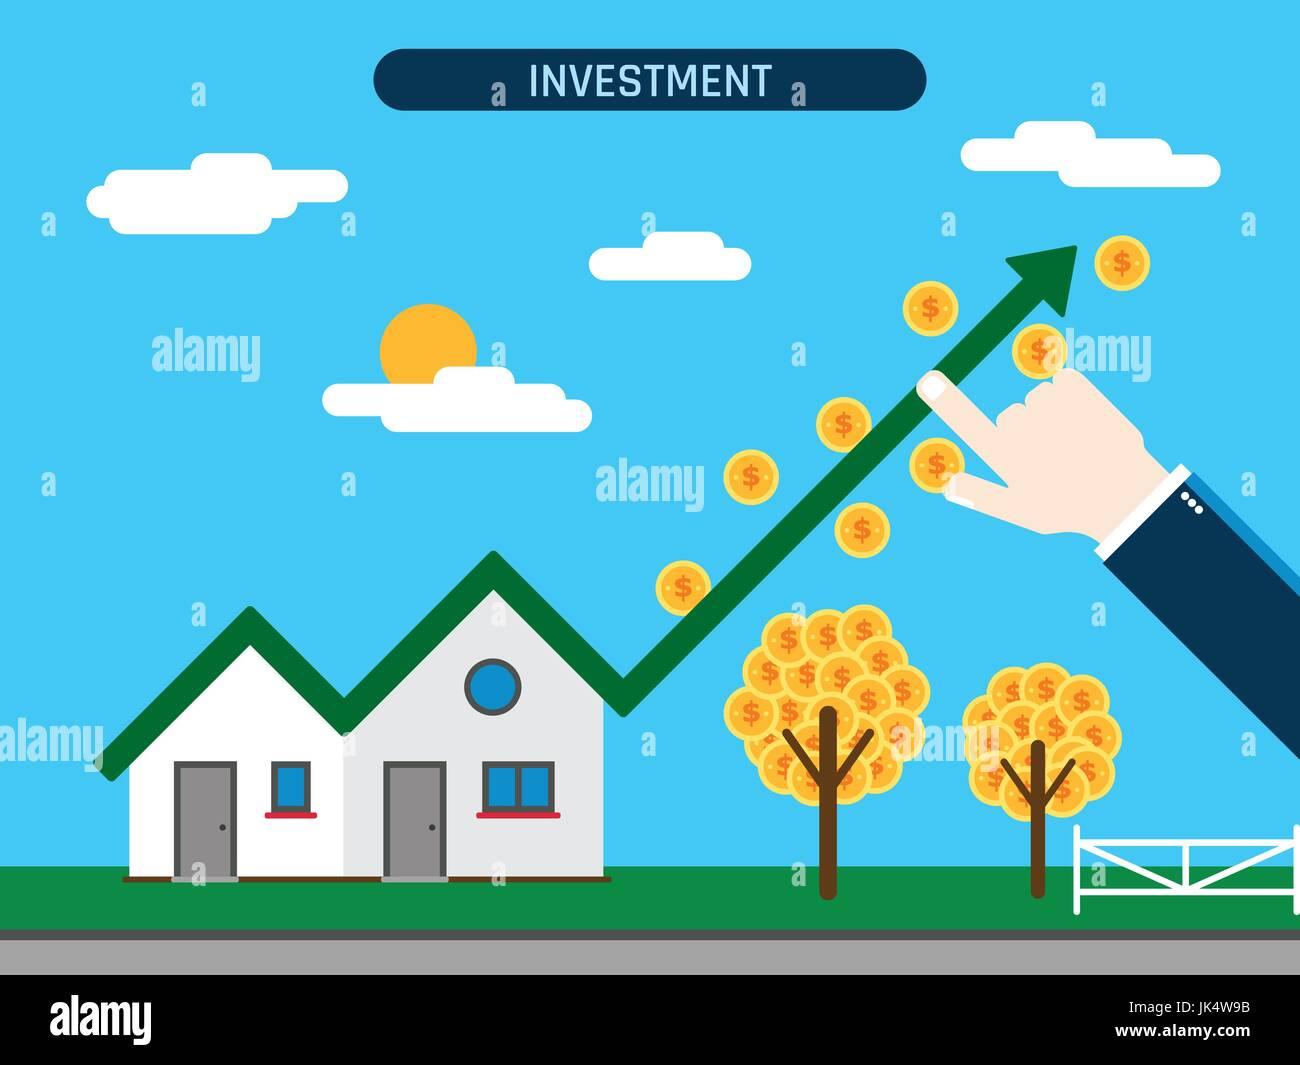 Investissement immobilier. Chambre avec courbe et pièces, main montrant le succès de l'investissement. Photo Stock